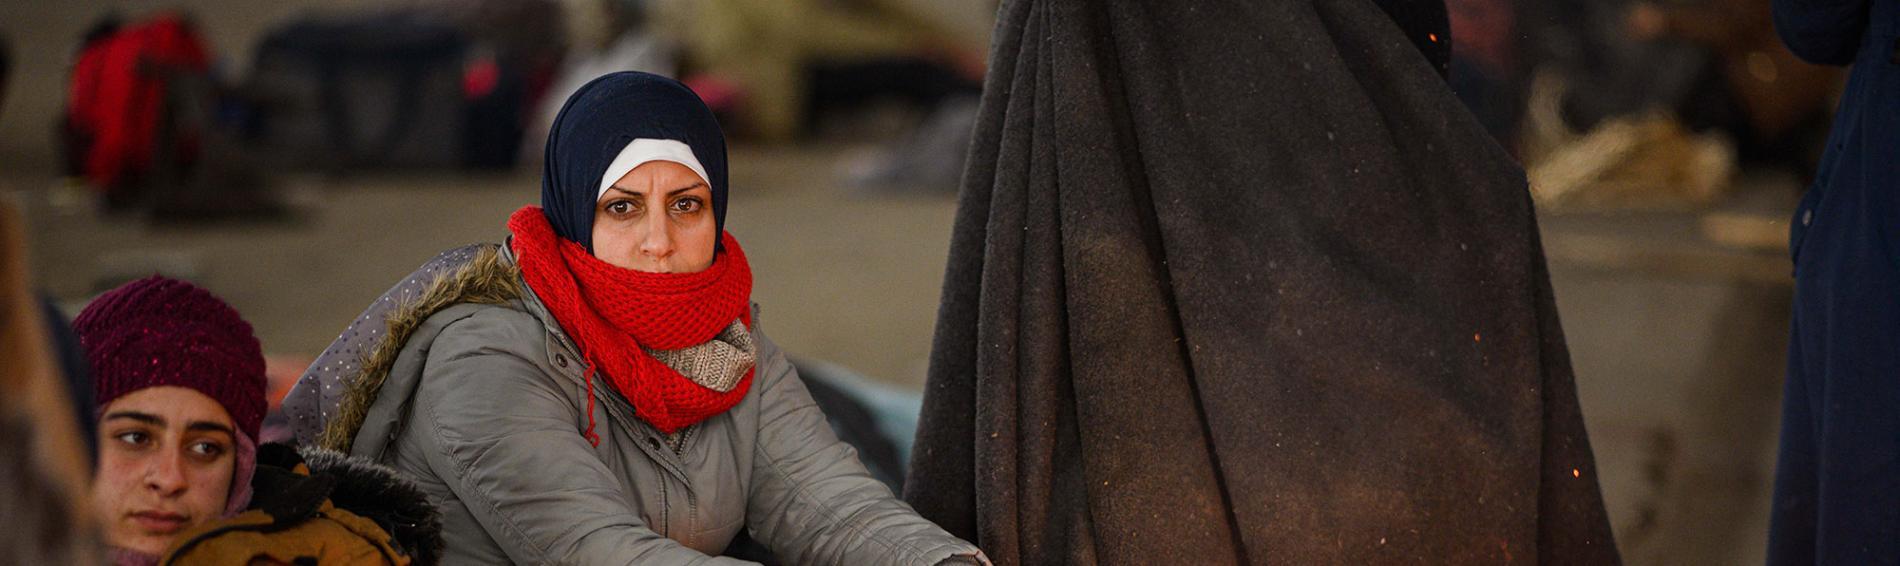 Auch Flüchtlinge in griechischen Lagern laufen Gefahr, sich mit Covid-19 zu infizieren. Foto: Reuters